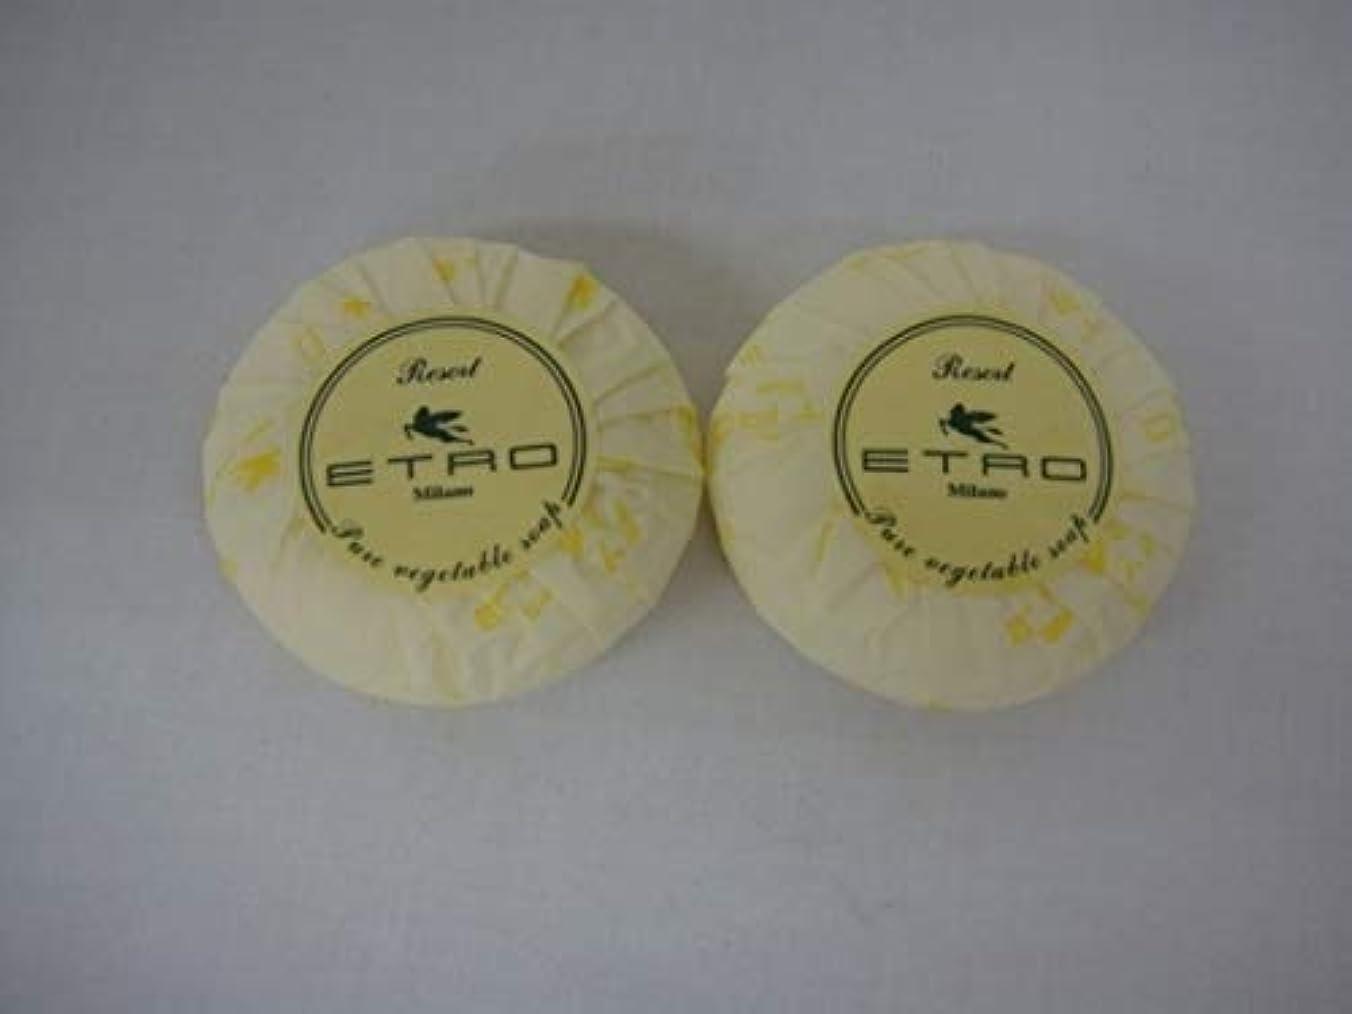 患者検索コスト【X2個セット】ETRO エトロ ピュアベジタブルソープ 石鹸40g×2個 (合計4個)